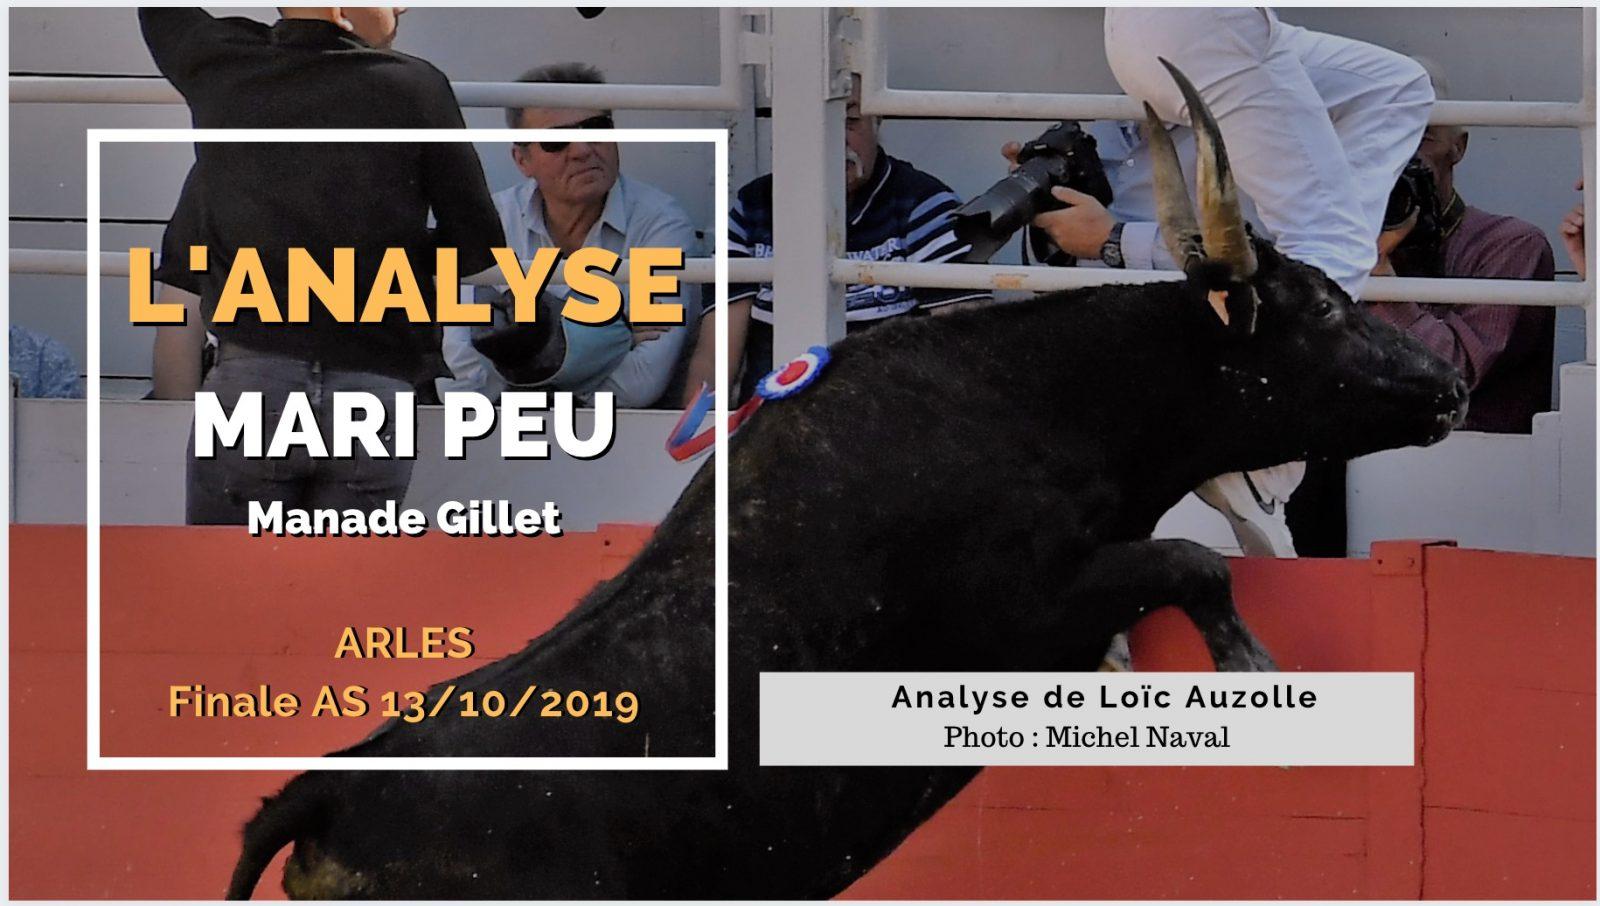 L'ANALYSE – Mari Peu (Gillet) – Finale AS Arles 13/10/2019